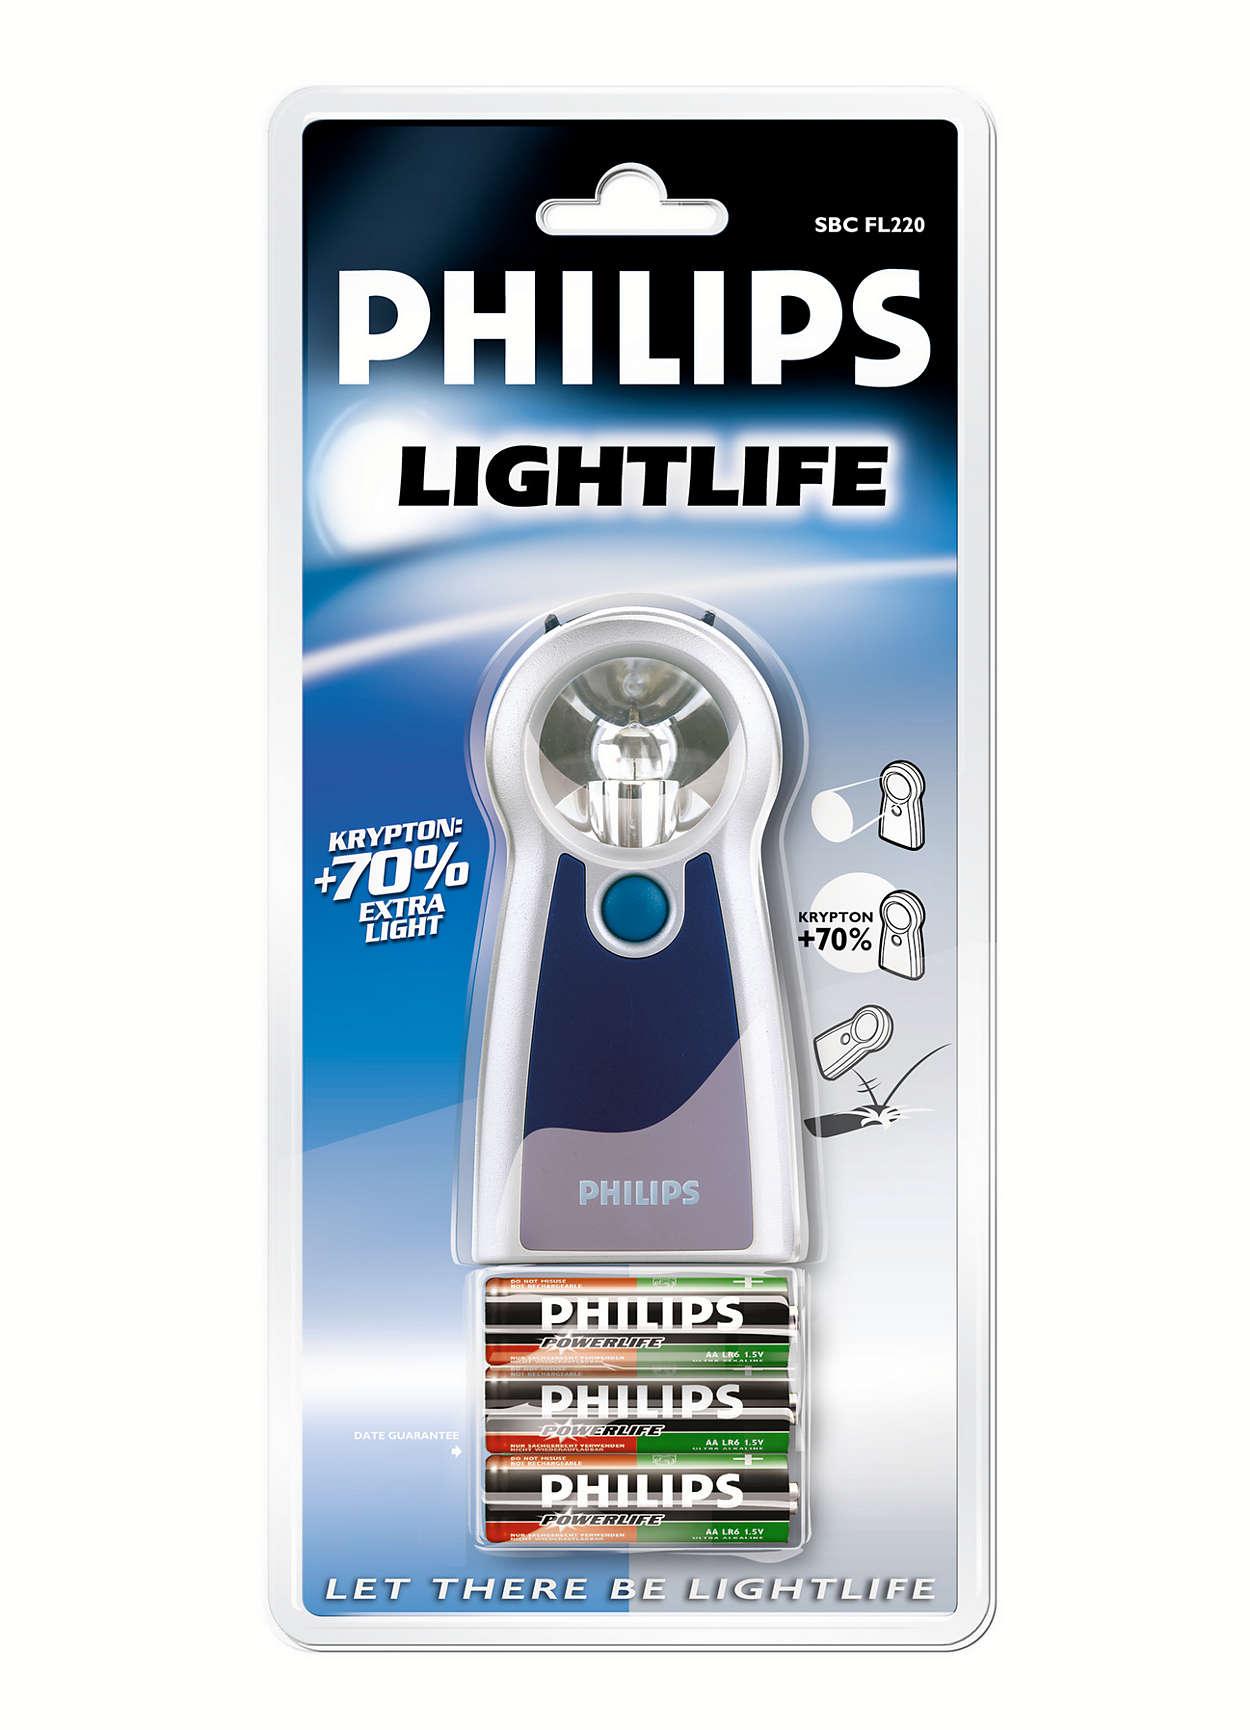 Sæt lys på livet!